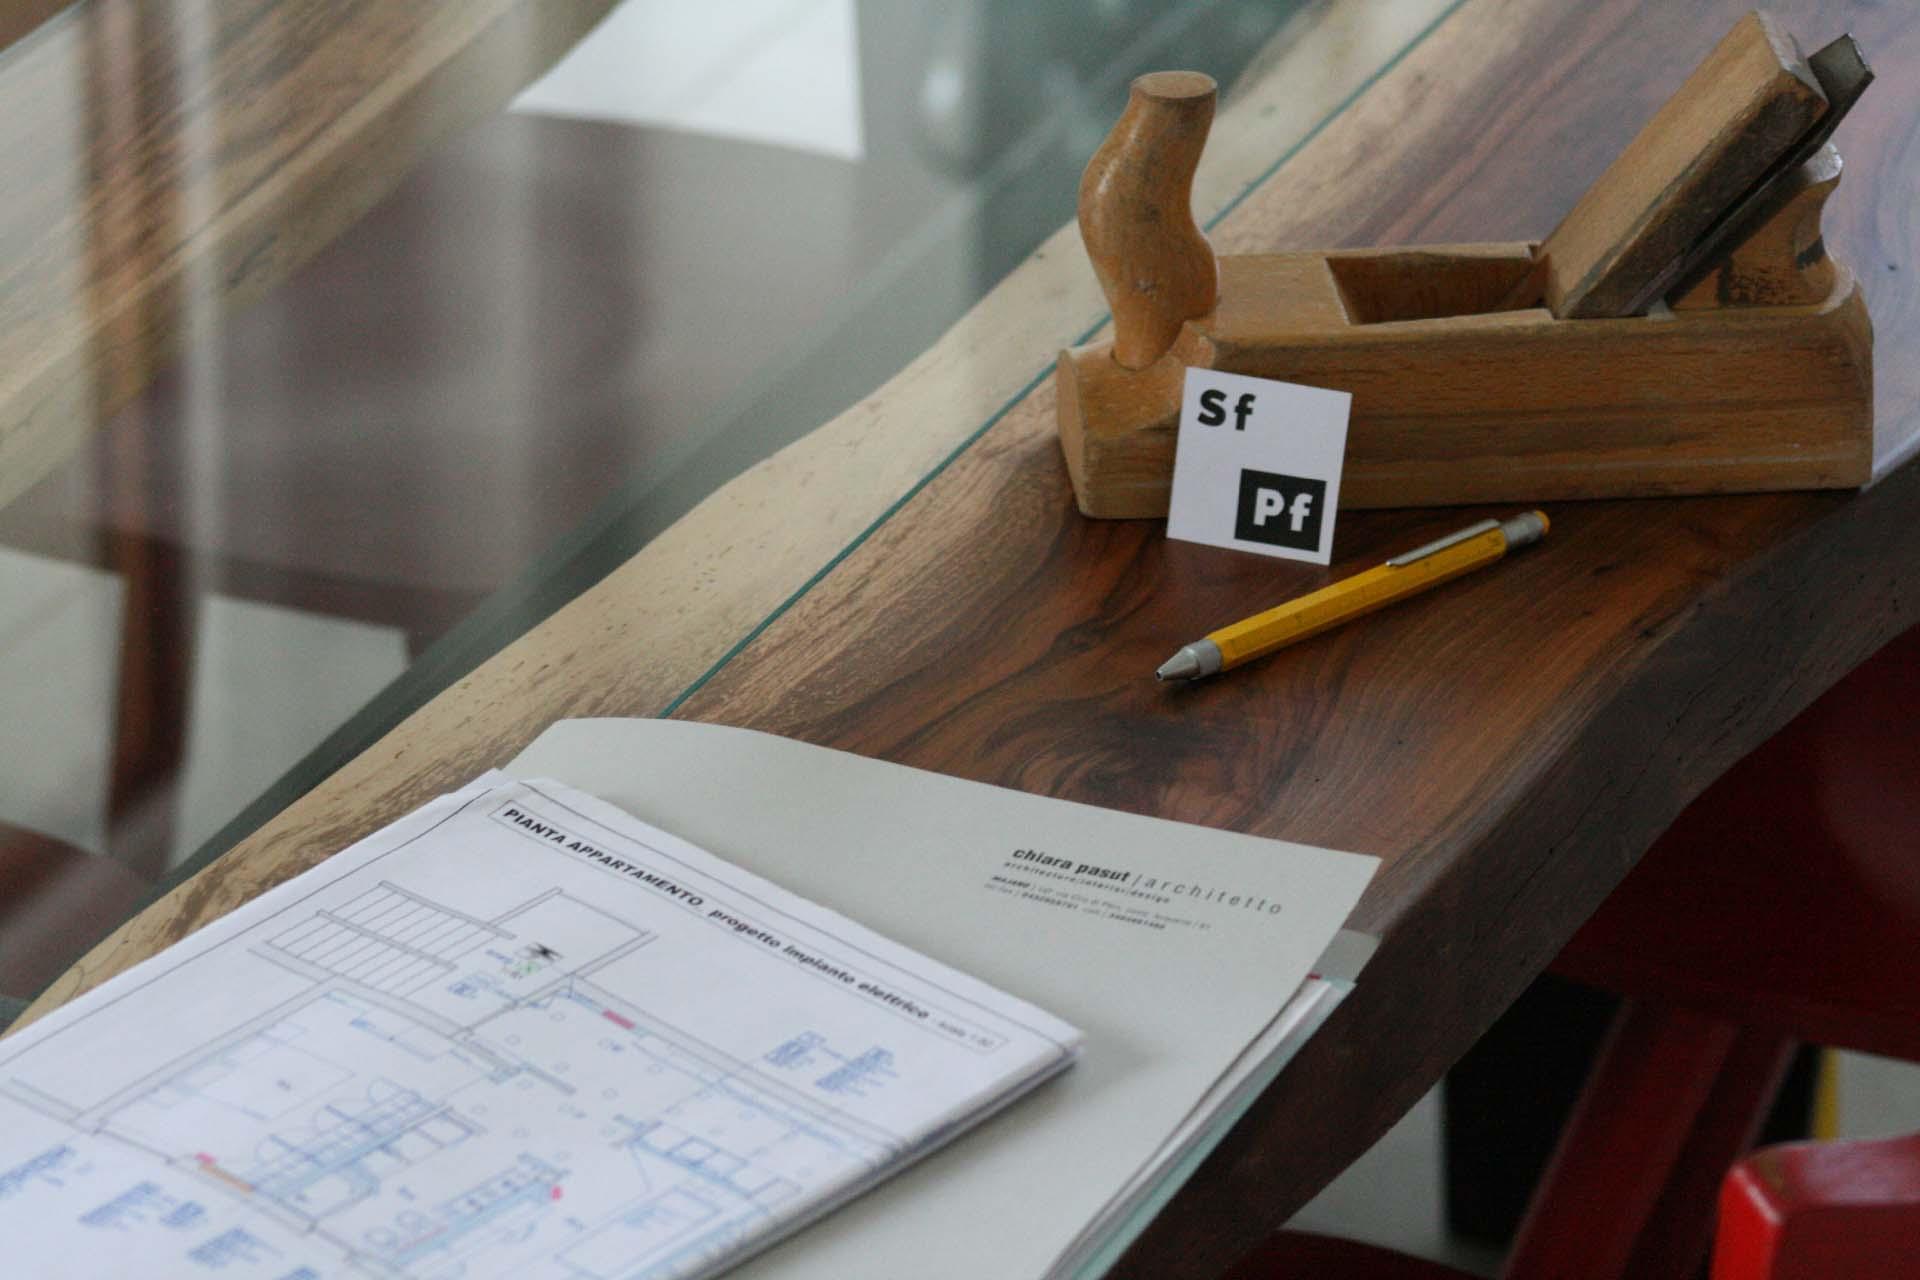 fotografia di un tavolo in legno e vetro con progetto di architettura, pialla, matita